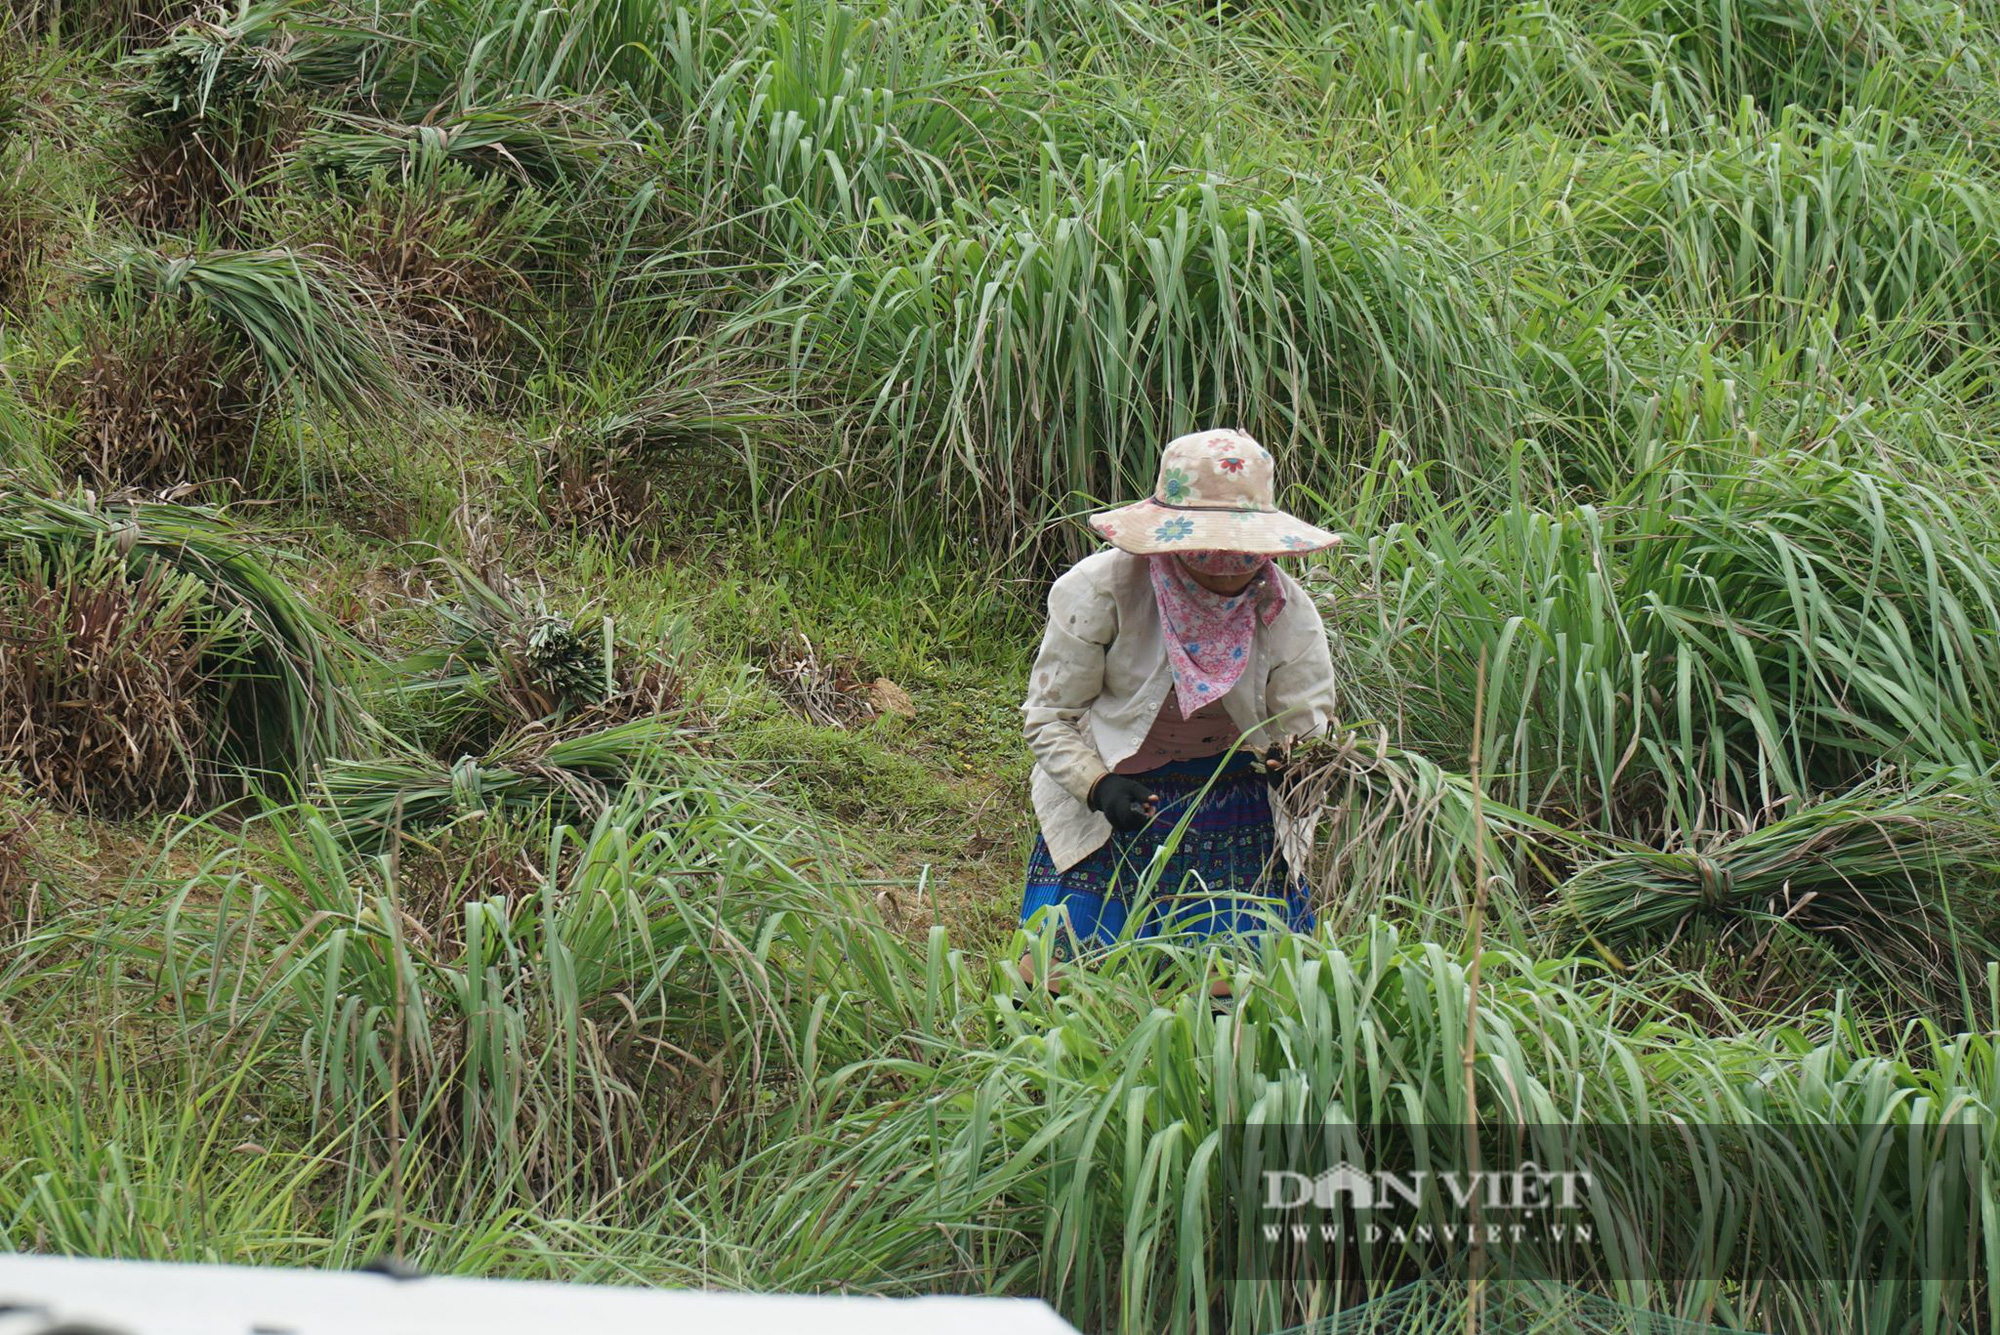 Yên Bái: Người Mông trên núi cao, trồng cây mọc từng khóm, nấu tinh dầu, thu tiền đều tay - Ảnh 5.